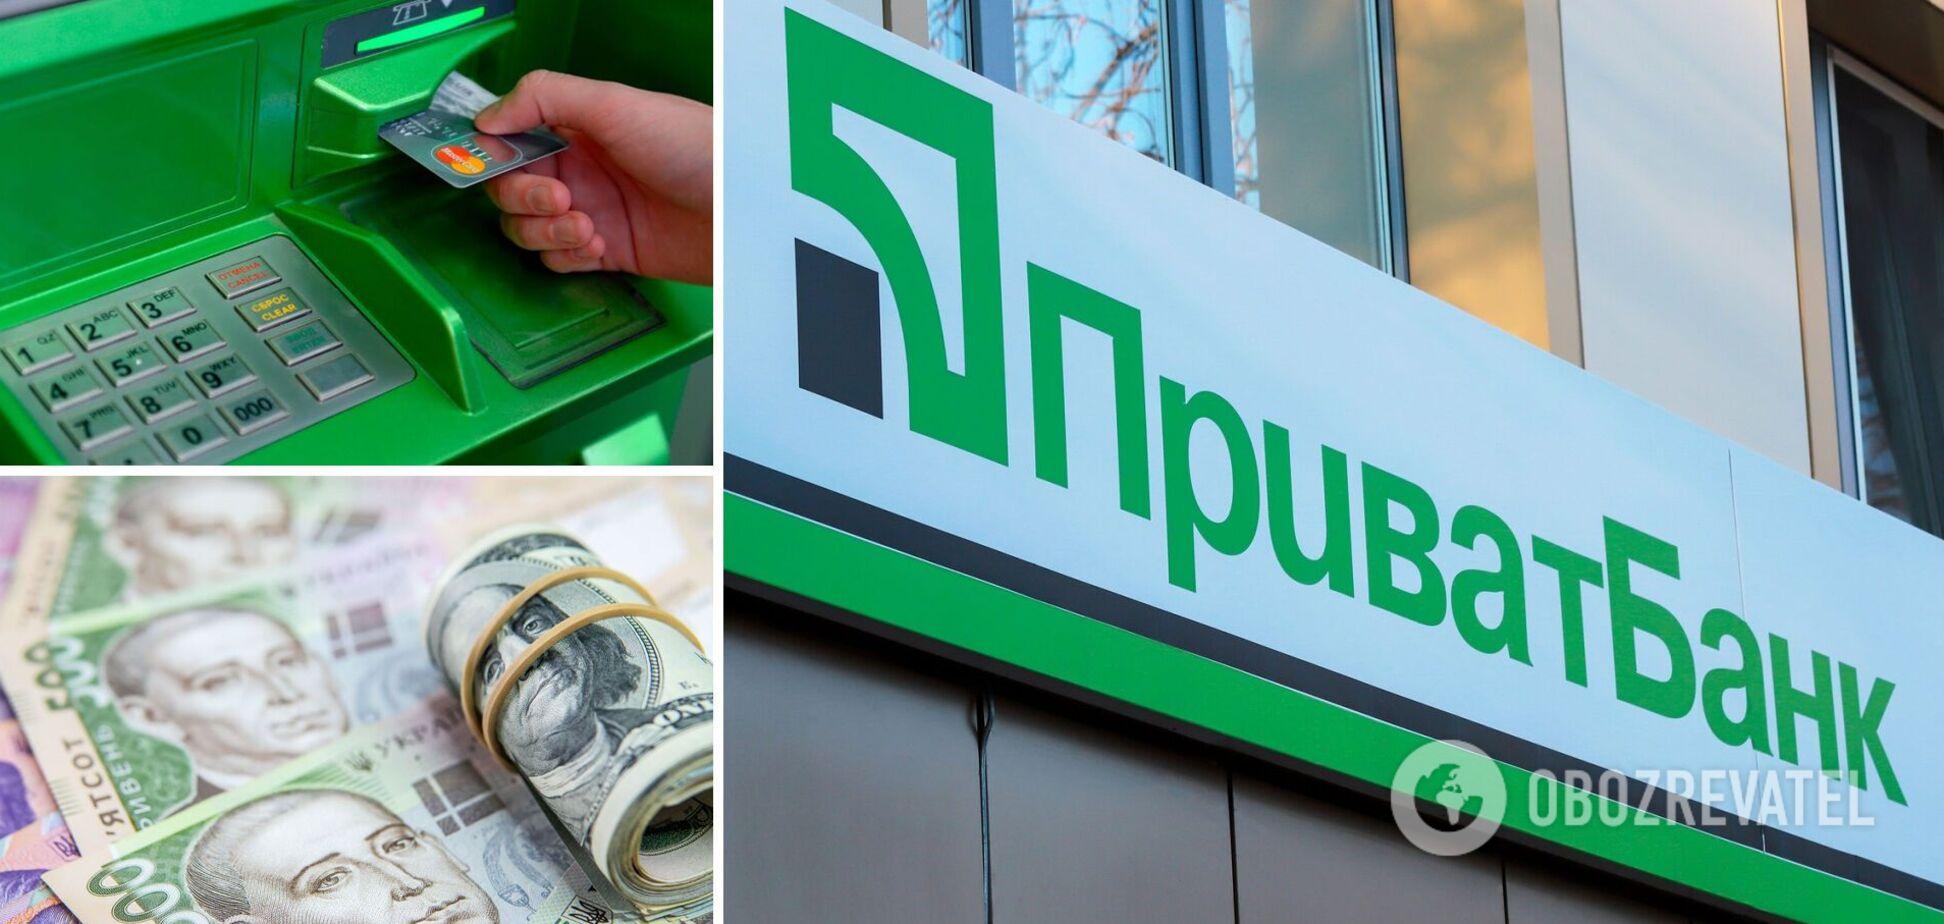 Приватбанк списывает проблемные кредиты